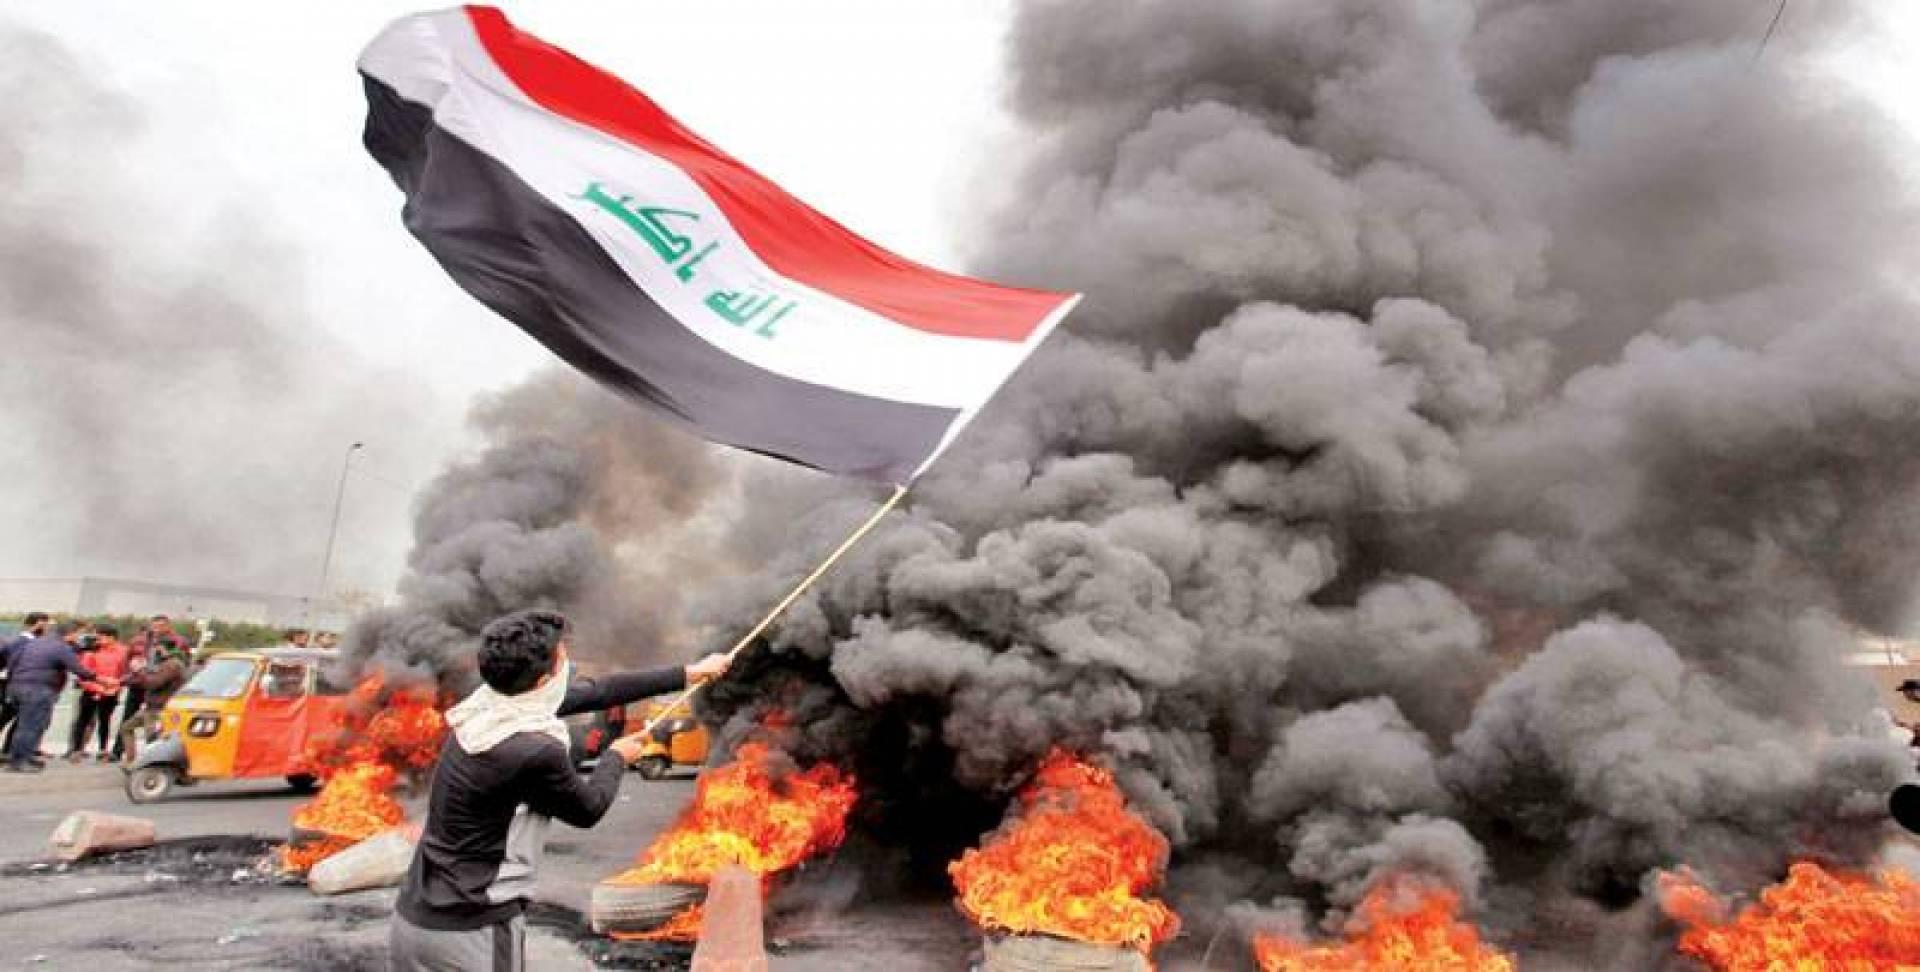 متظاهر رافعاً العلم العراقي قرب إطارات مشتعلة في بغداد أمس | أ ف ب